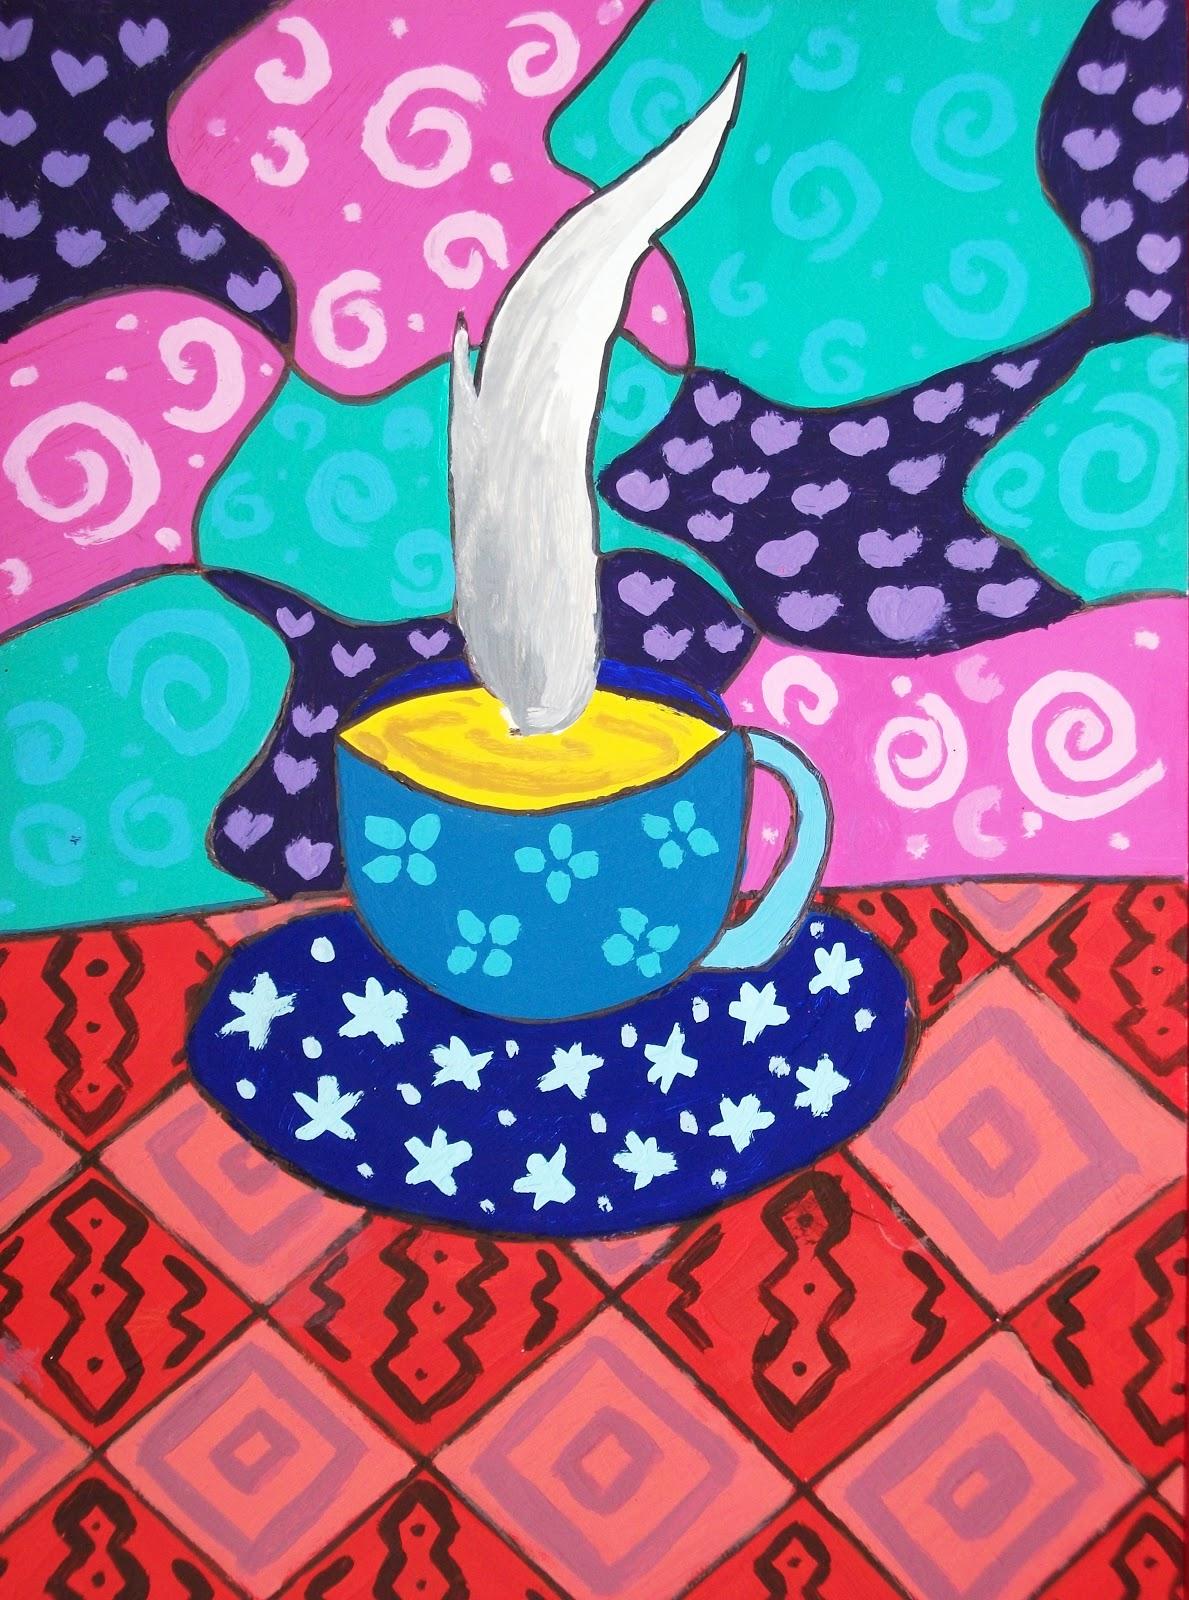 Favorito GET-SMART-MAKE-ART un blog di arte a scuola della prof. ARDEMAGNI  JR65